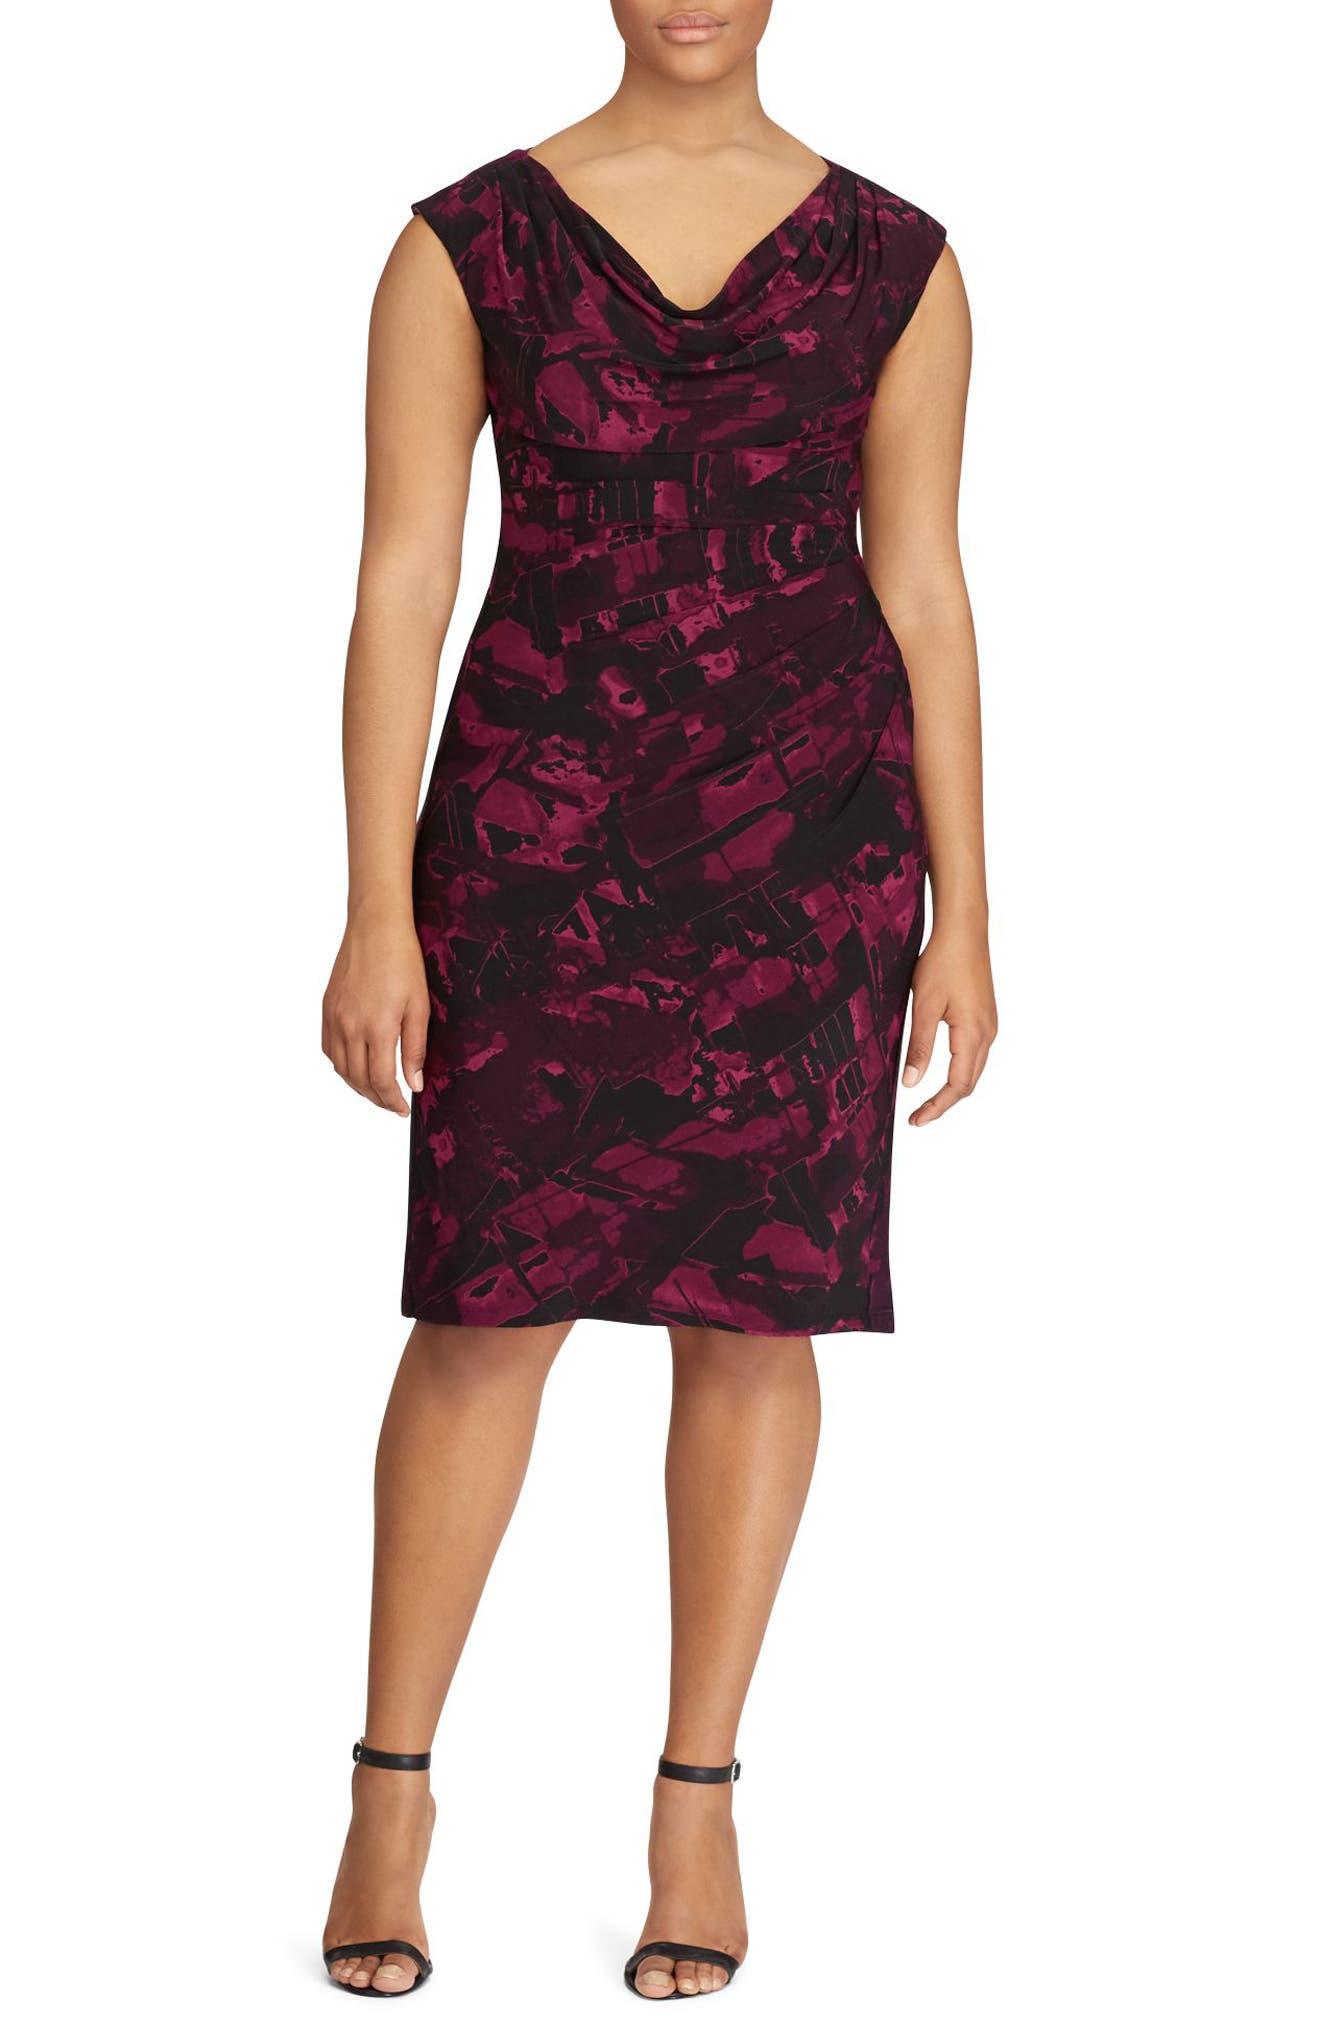 Laruen Ralph Lauren Abstract Print Sheath Dress (Plus Size)